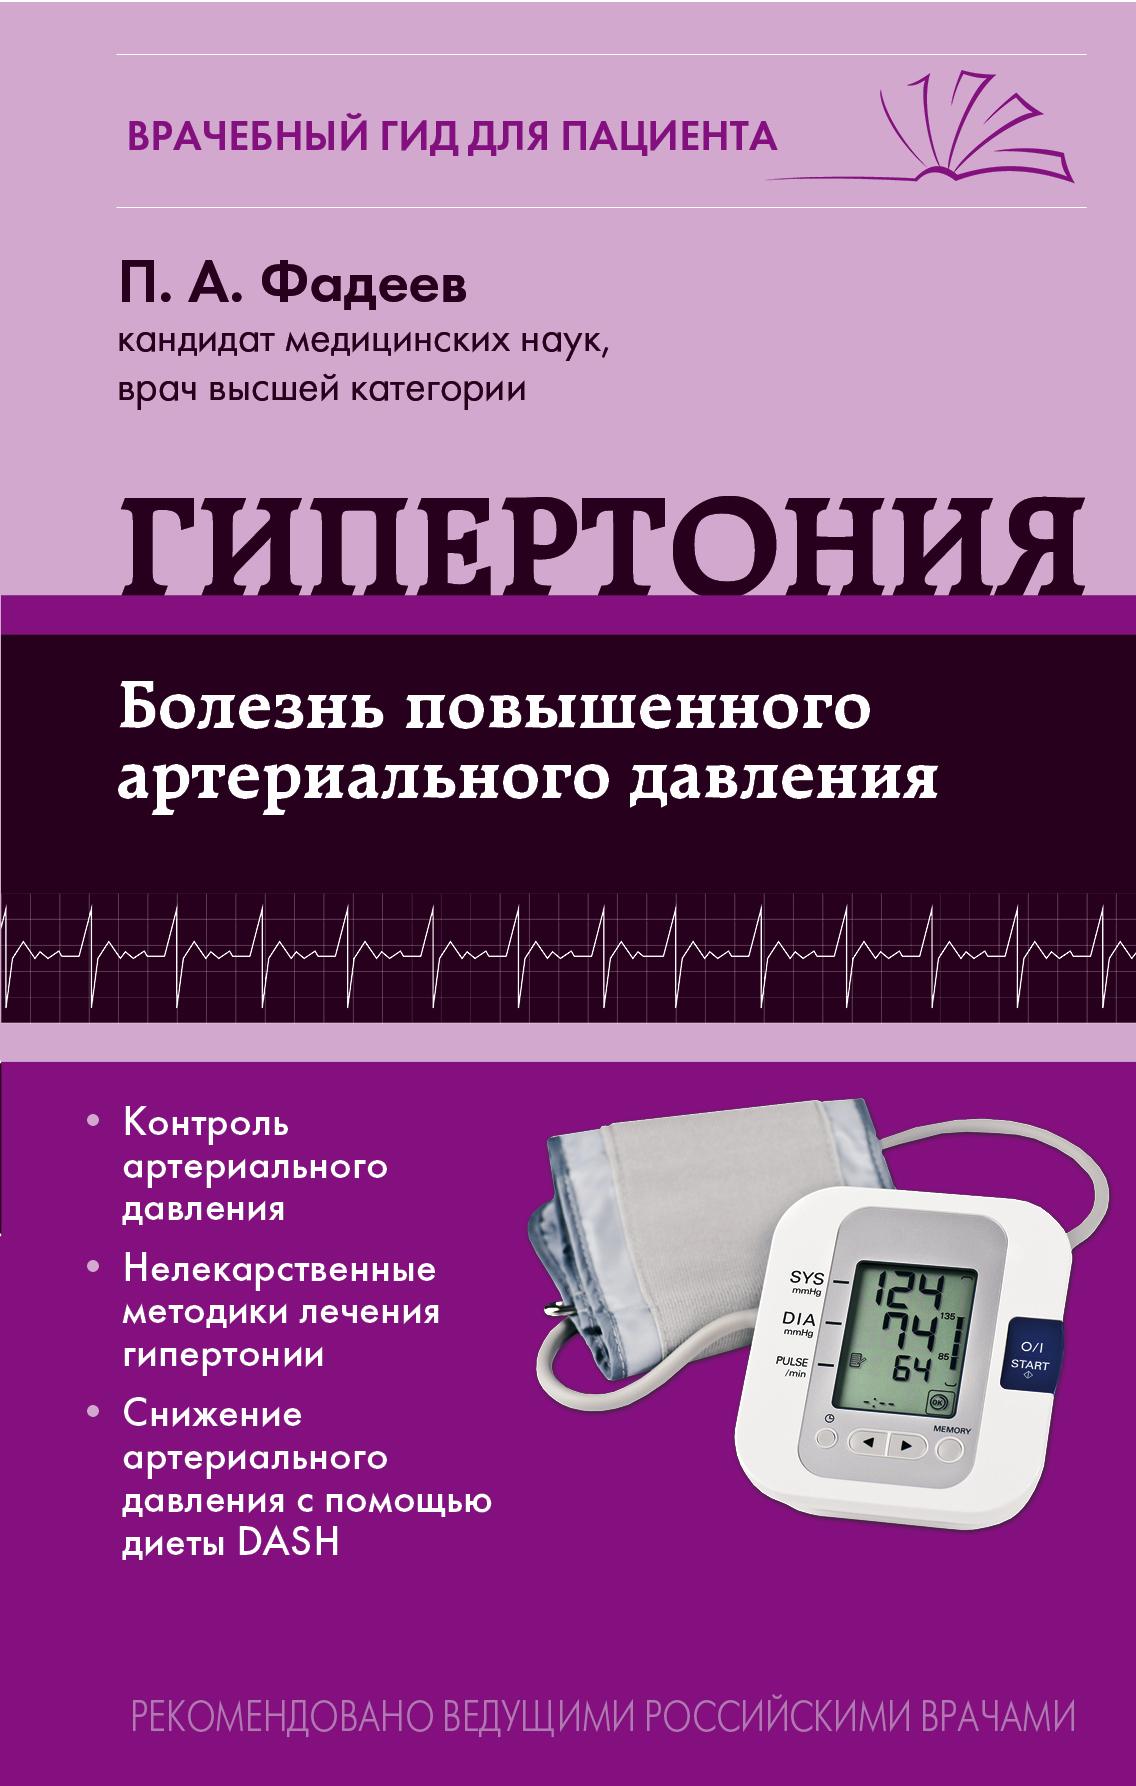 Гипертония. Болезнь повышенного артериального давления